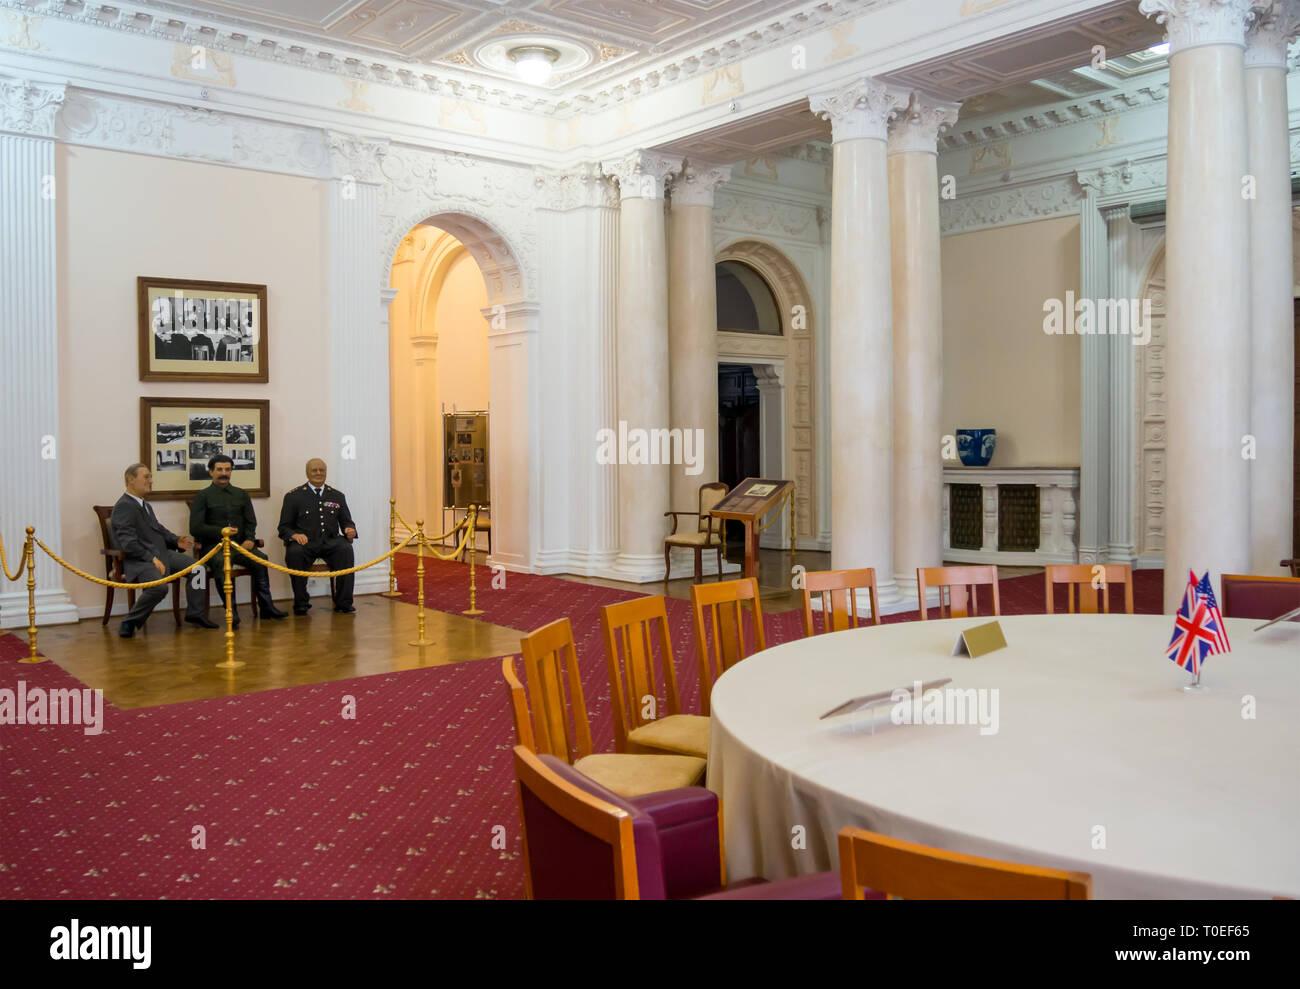 Yalta, Russia, November 10, 2015: The interior of the lobby, Livadia Palace, Yalta, Crimea - Stock Image